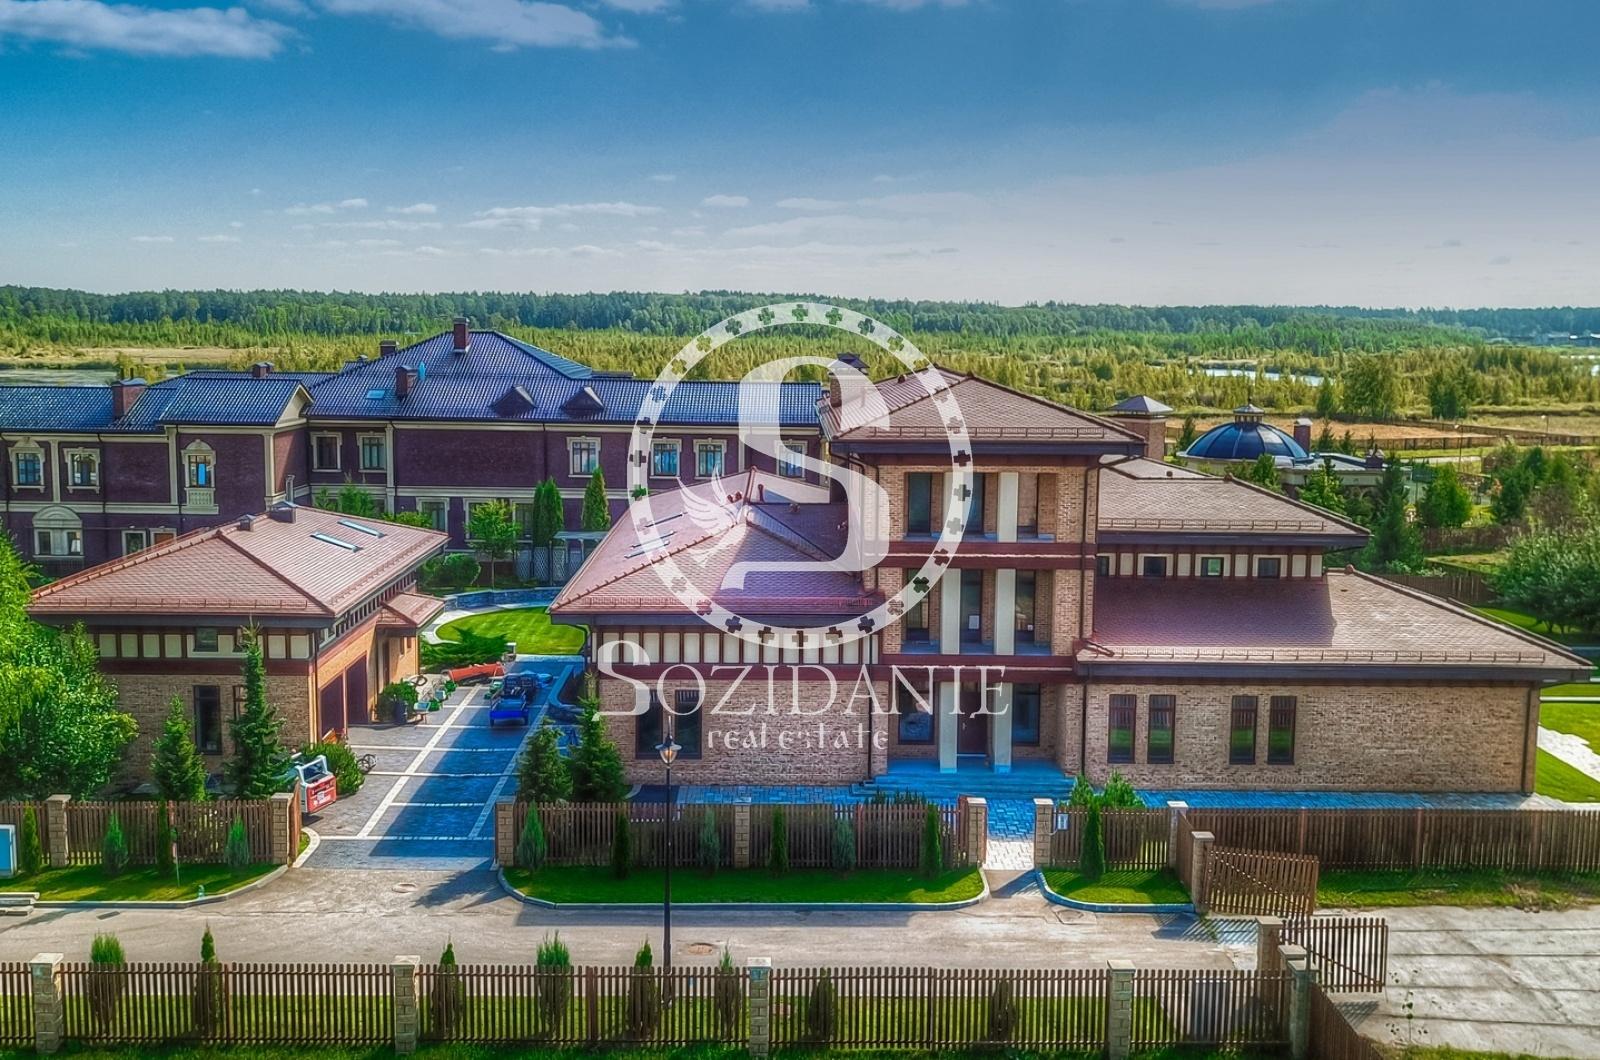 7 Bedrooms, Загородная, Продажа, Listing ID 2165, Московская область, Россия,